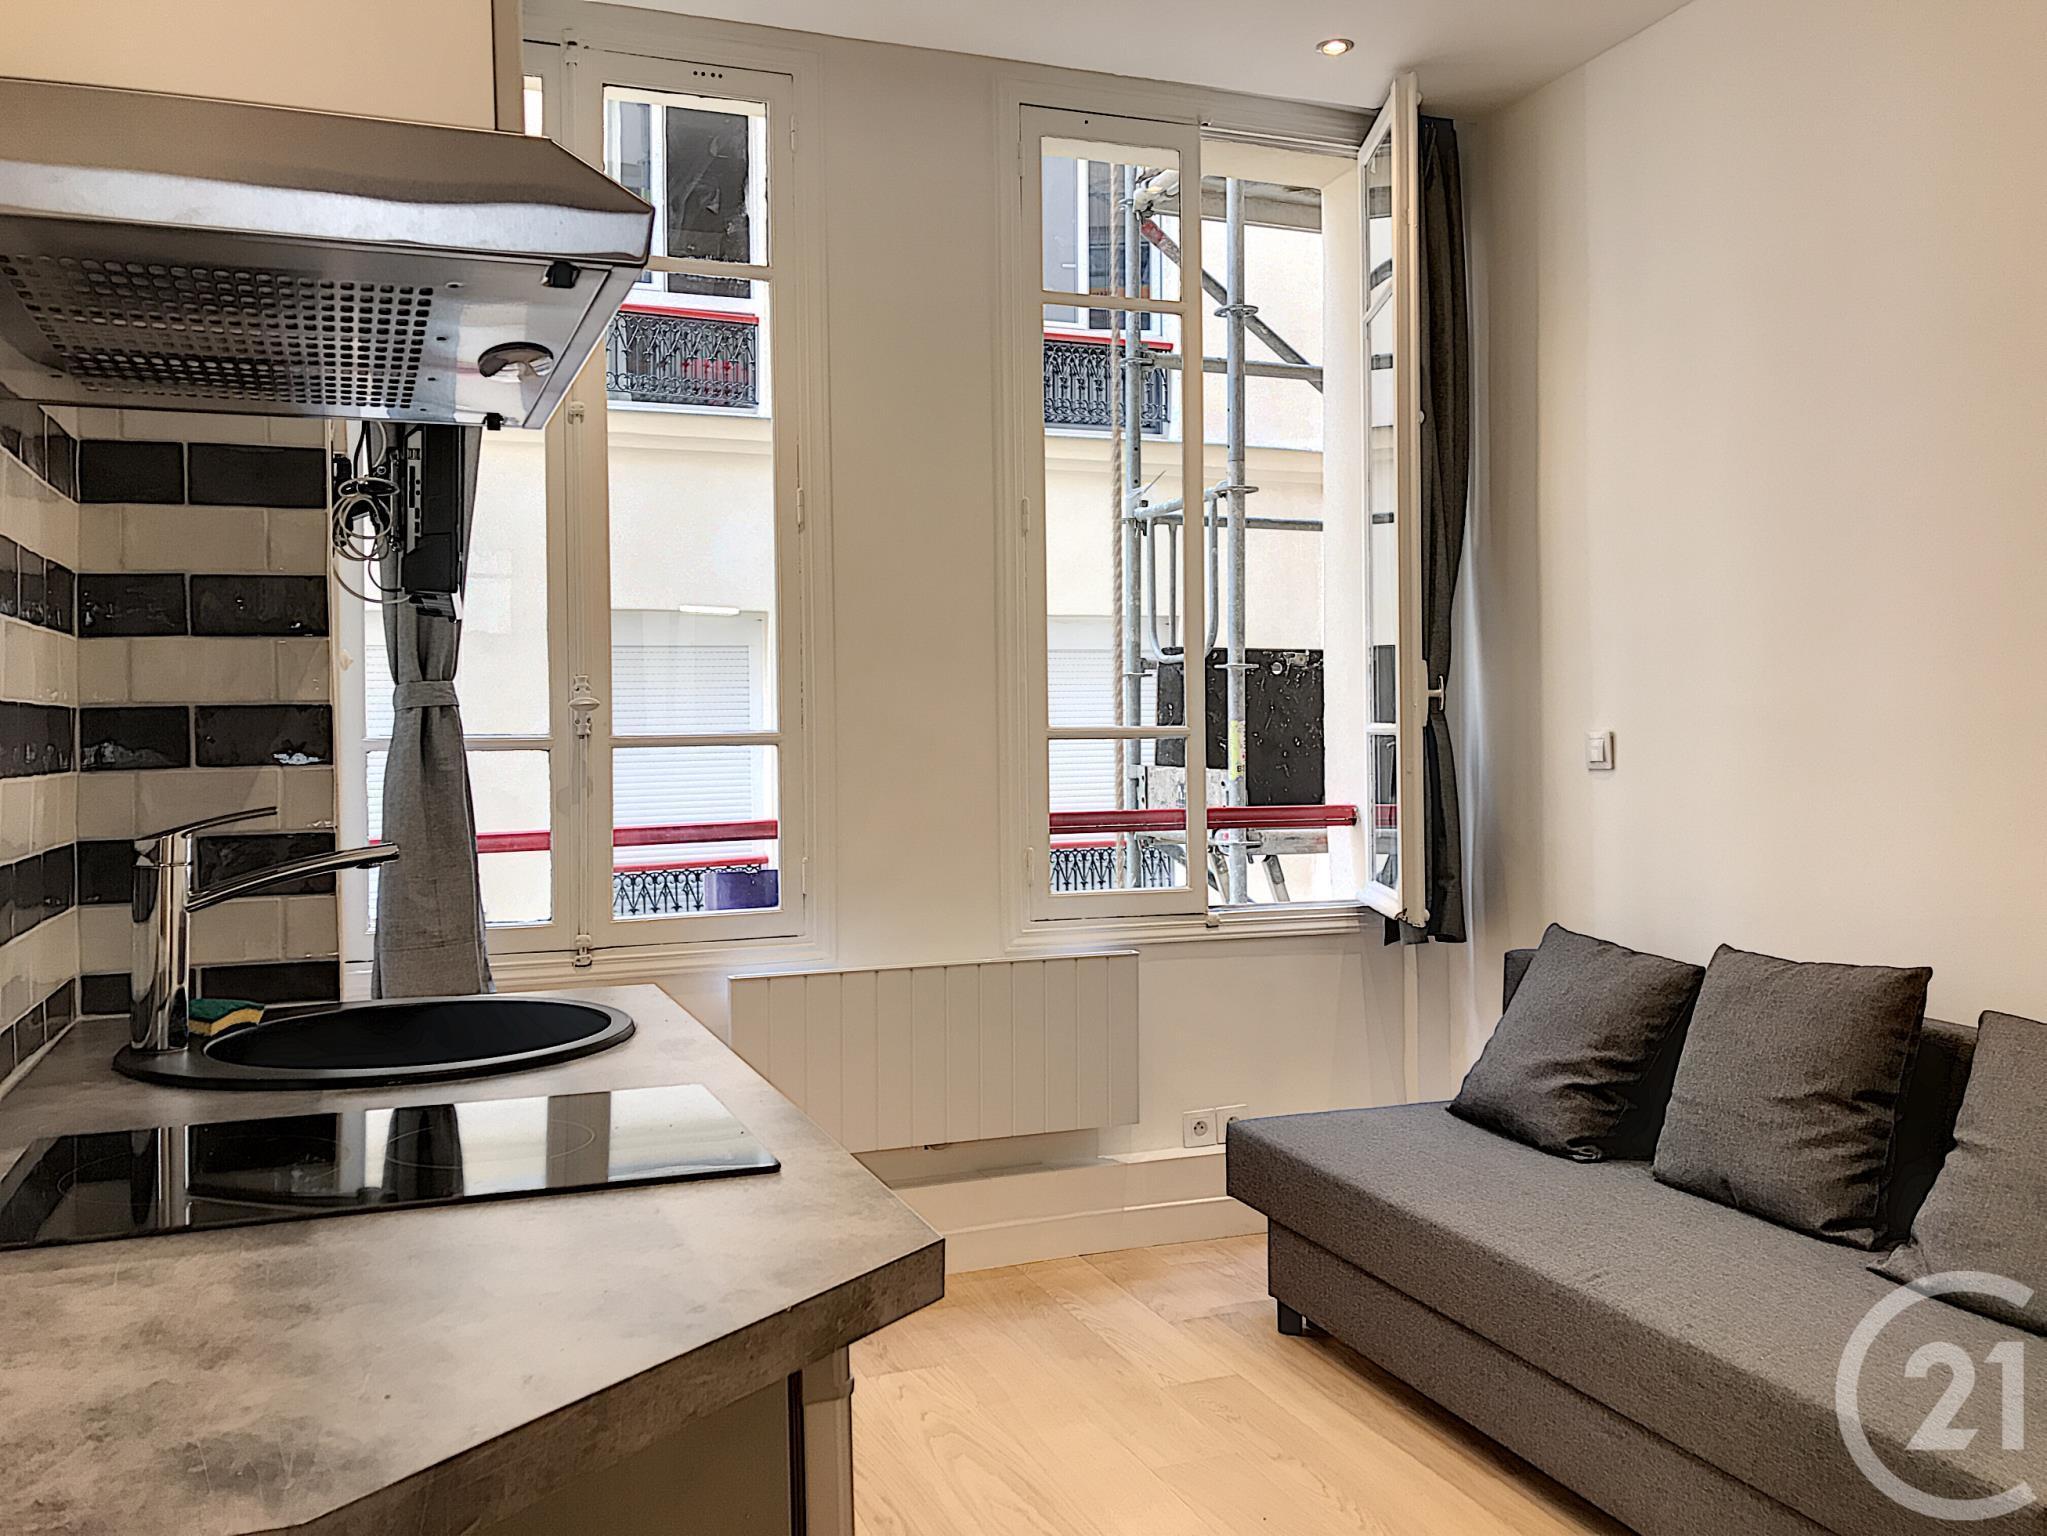 Appartement f1 1 pi ce louer paris 75009 ref 1379 - Location meublee paris reglementation ...